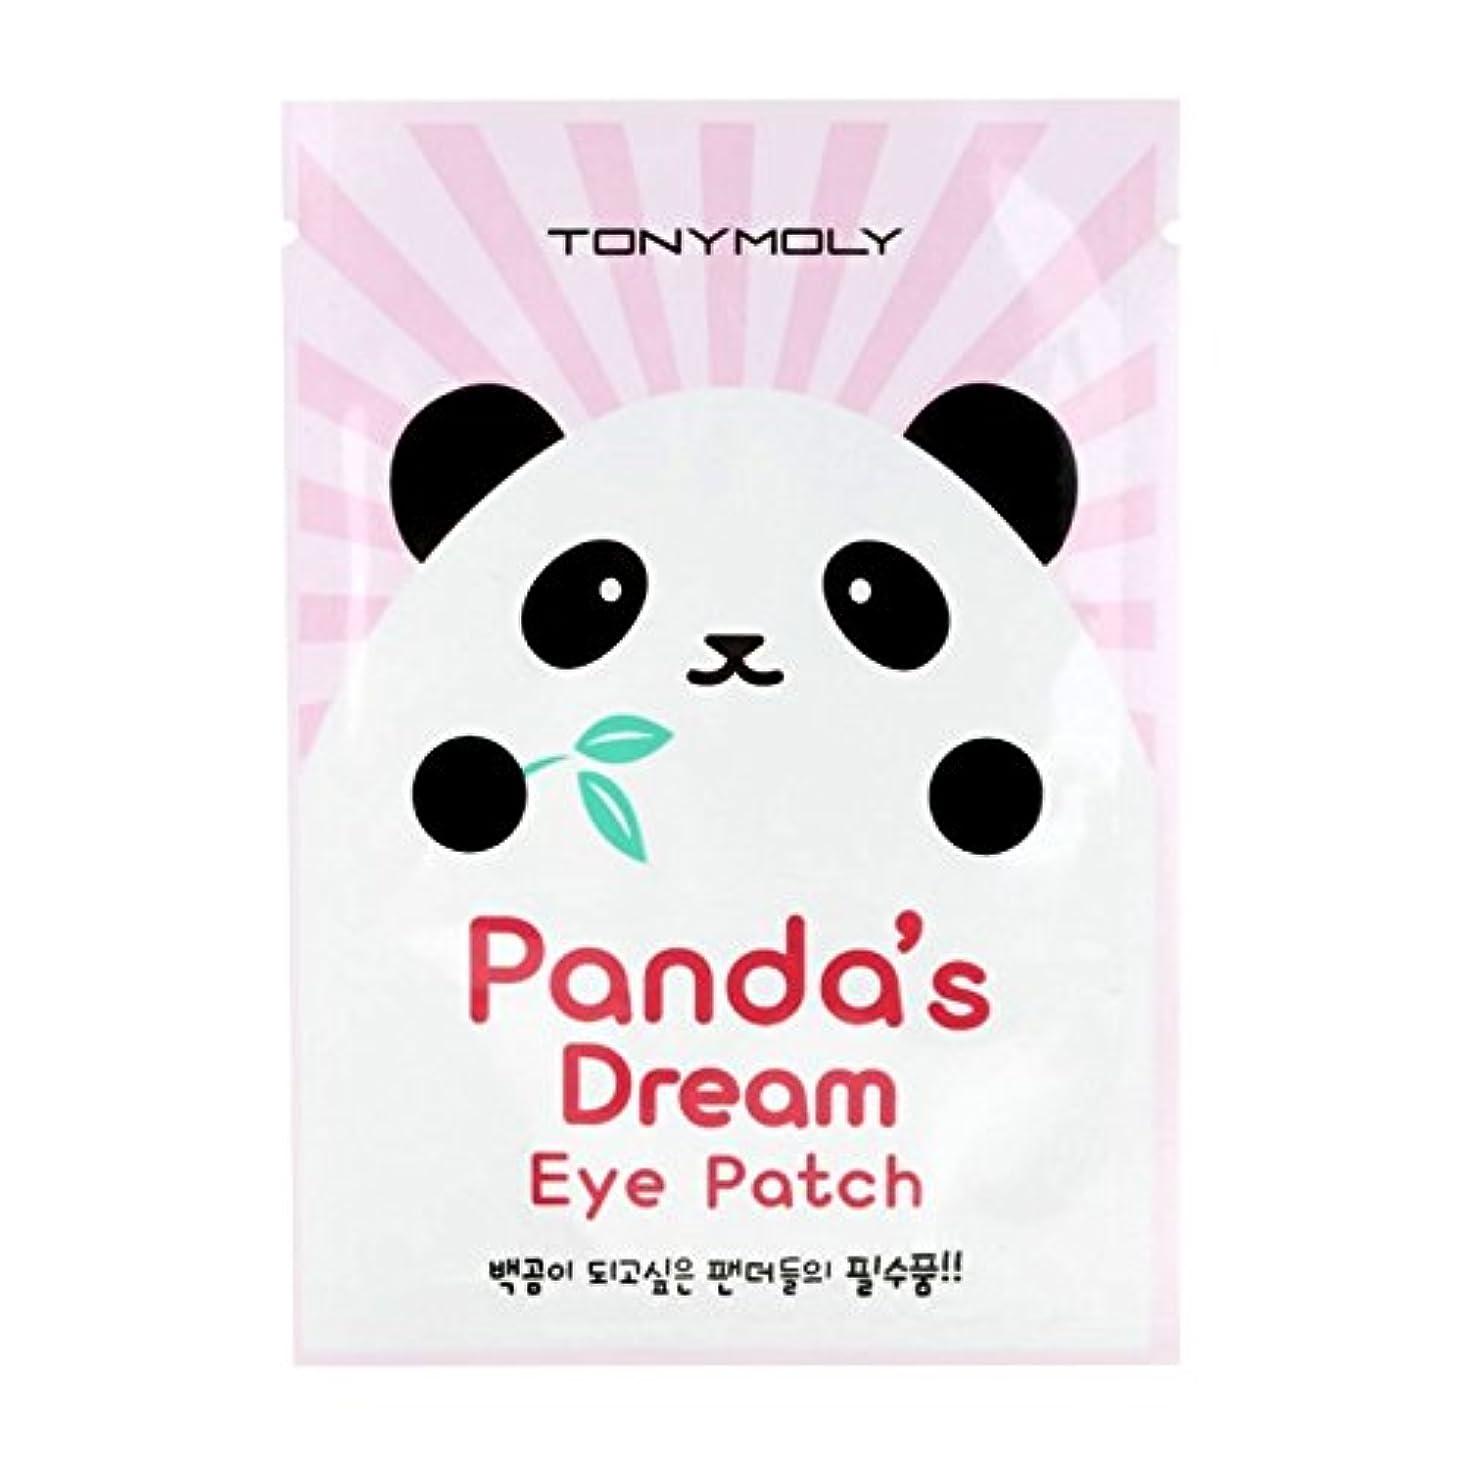 プレビューテラス内側(3 Pack) TONYMOLY Panda's Dream Eye Patch (並行輸入品)